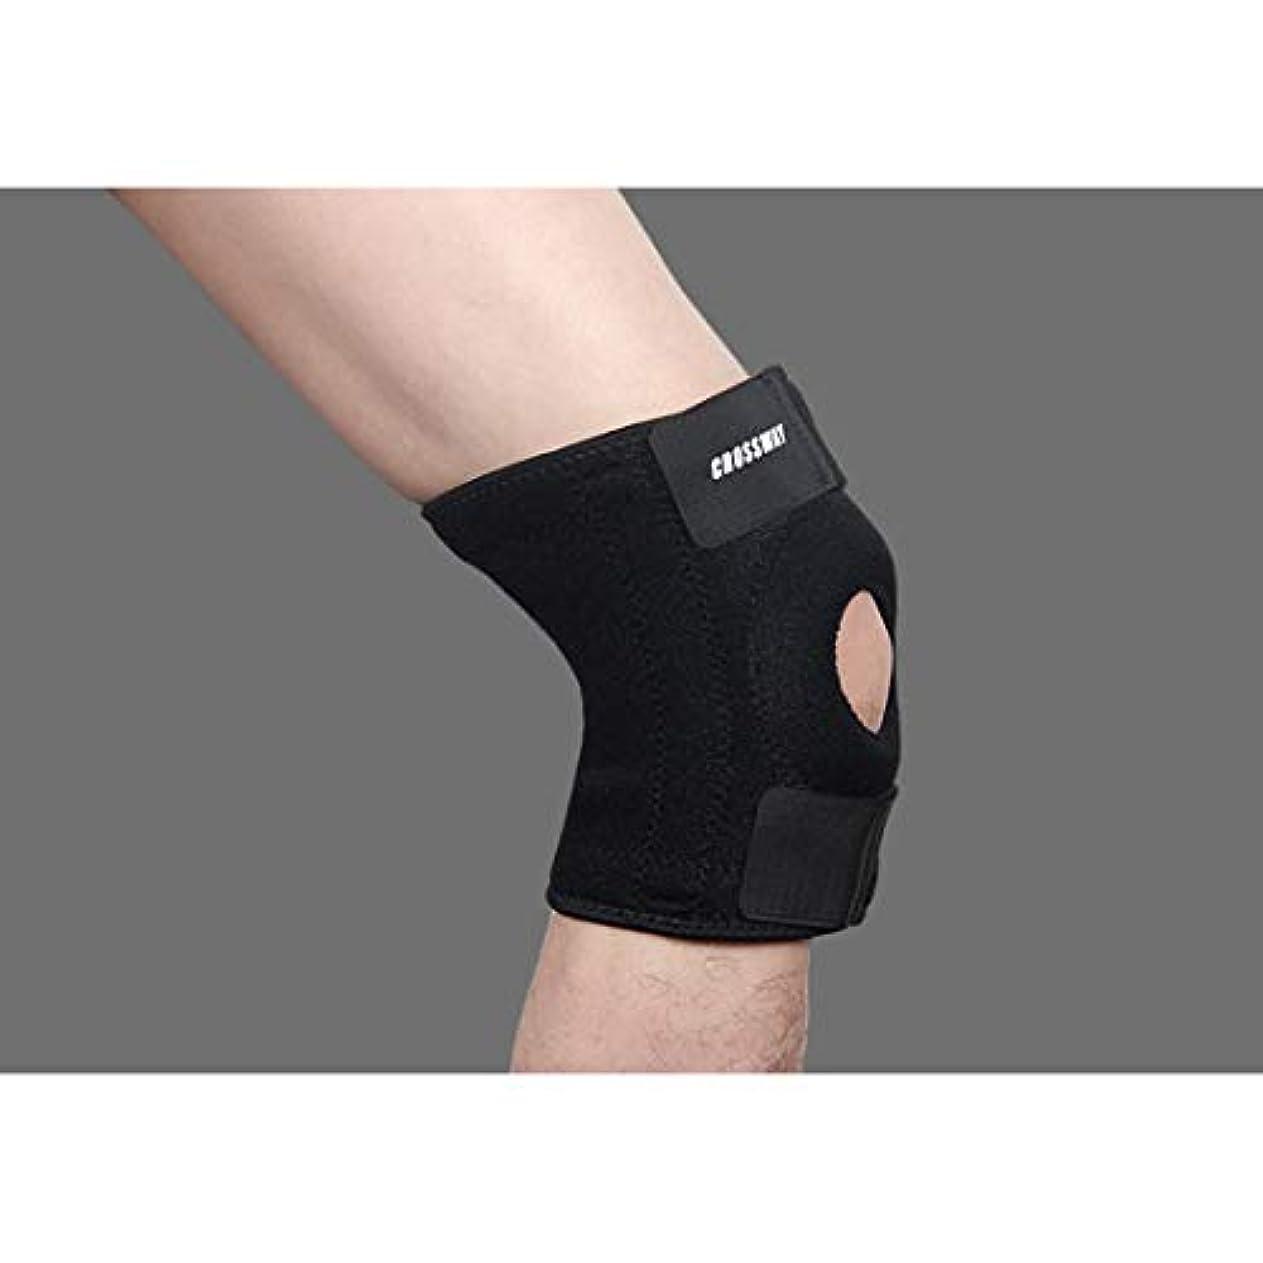 厚いエッセンスヒューバートハドソンCAFUTY ユニセックス膝パッド バスケットボールバドミントン乗馬ハイキングランニングギア (Color : ブラック, Edition : Left leg)